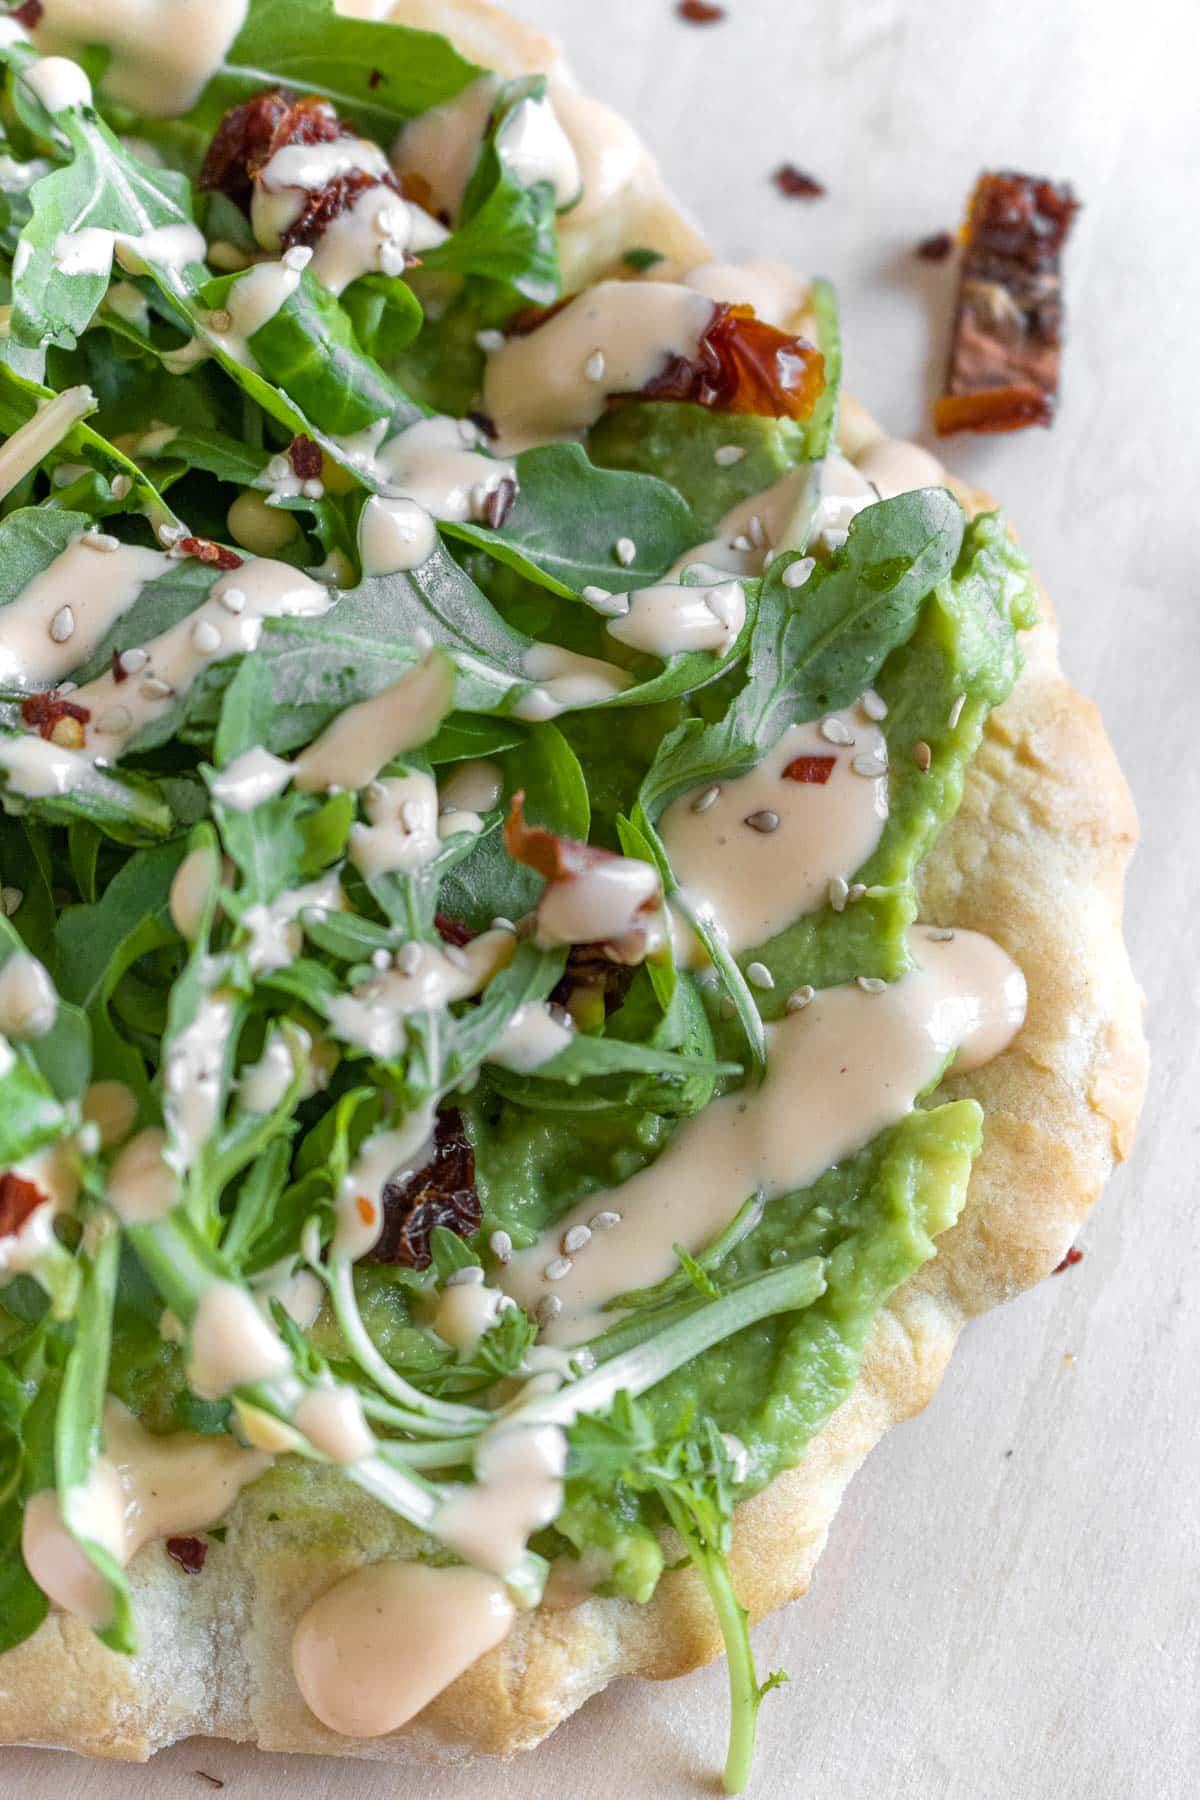 the Californian flatbread pizza